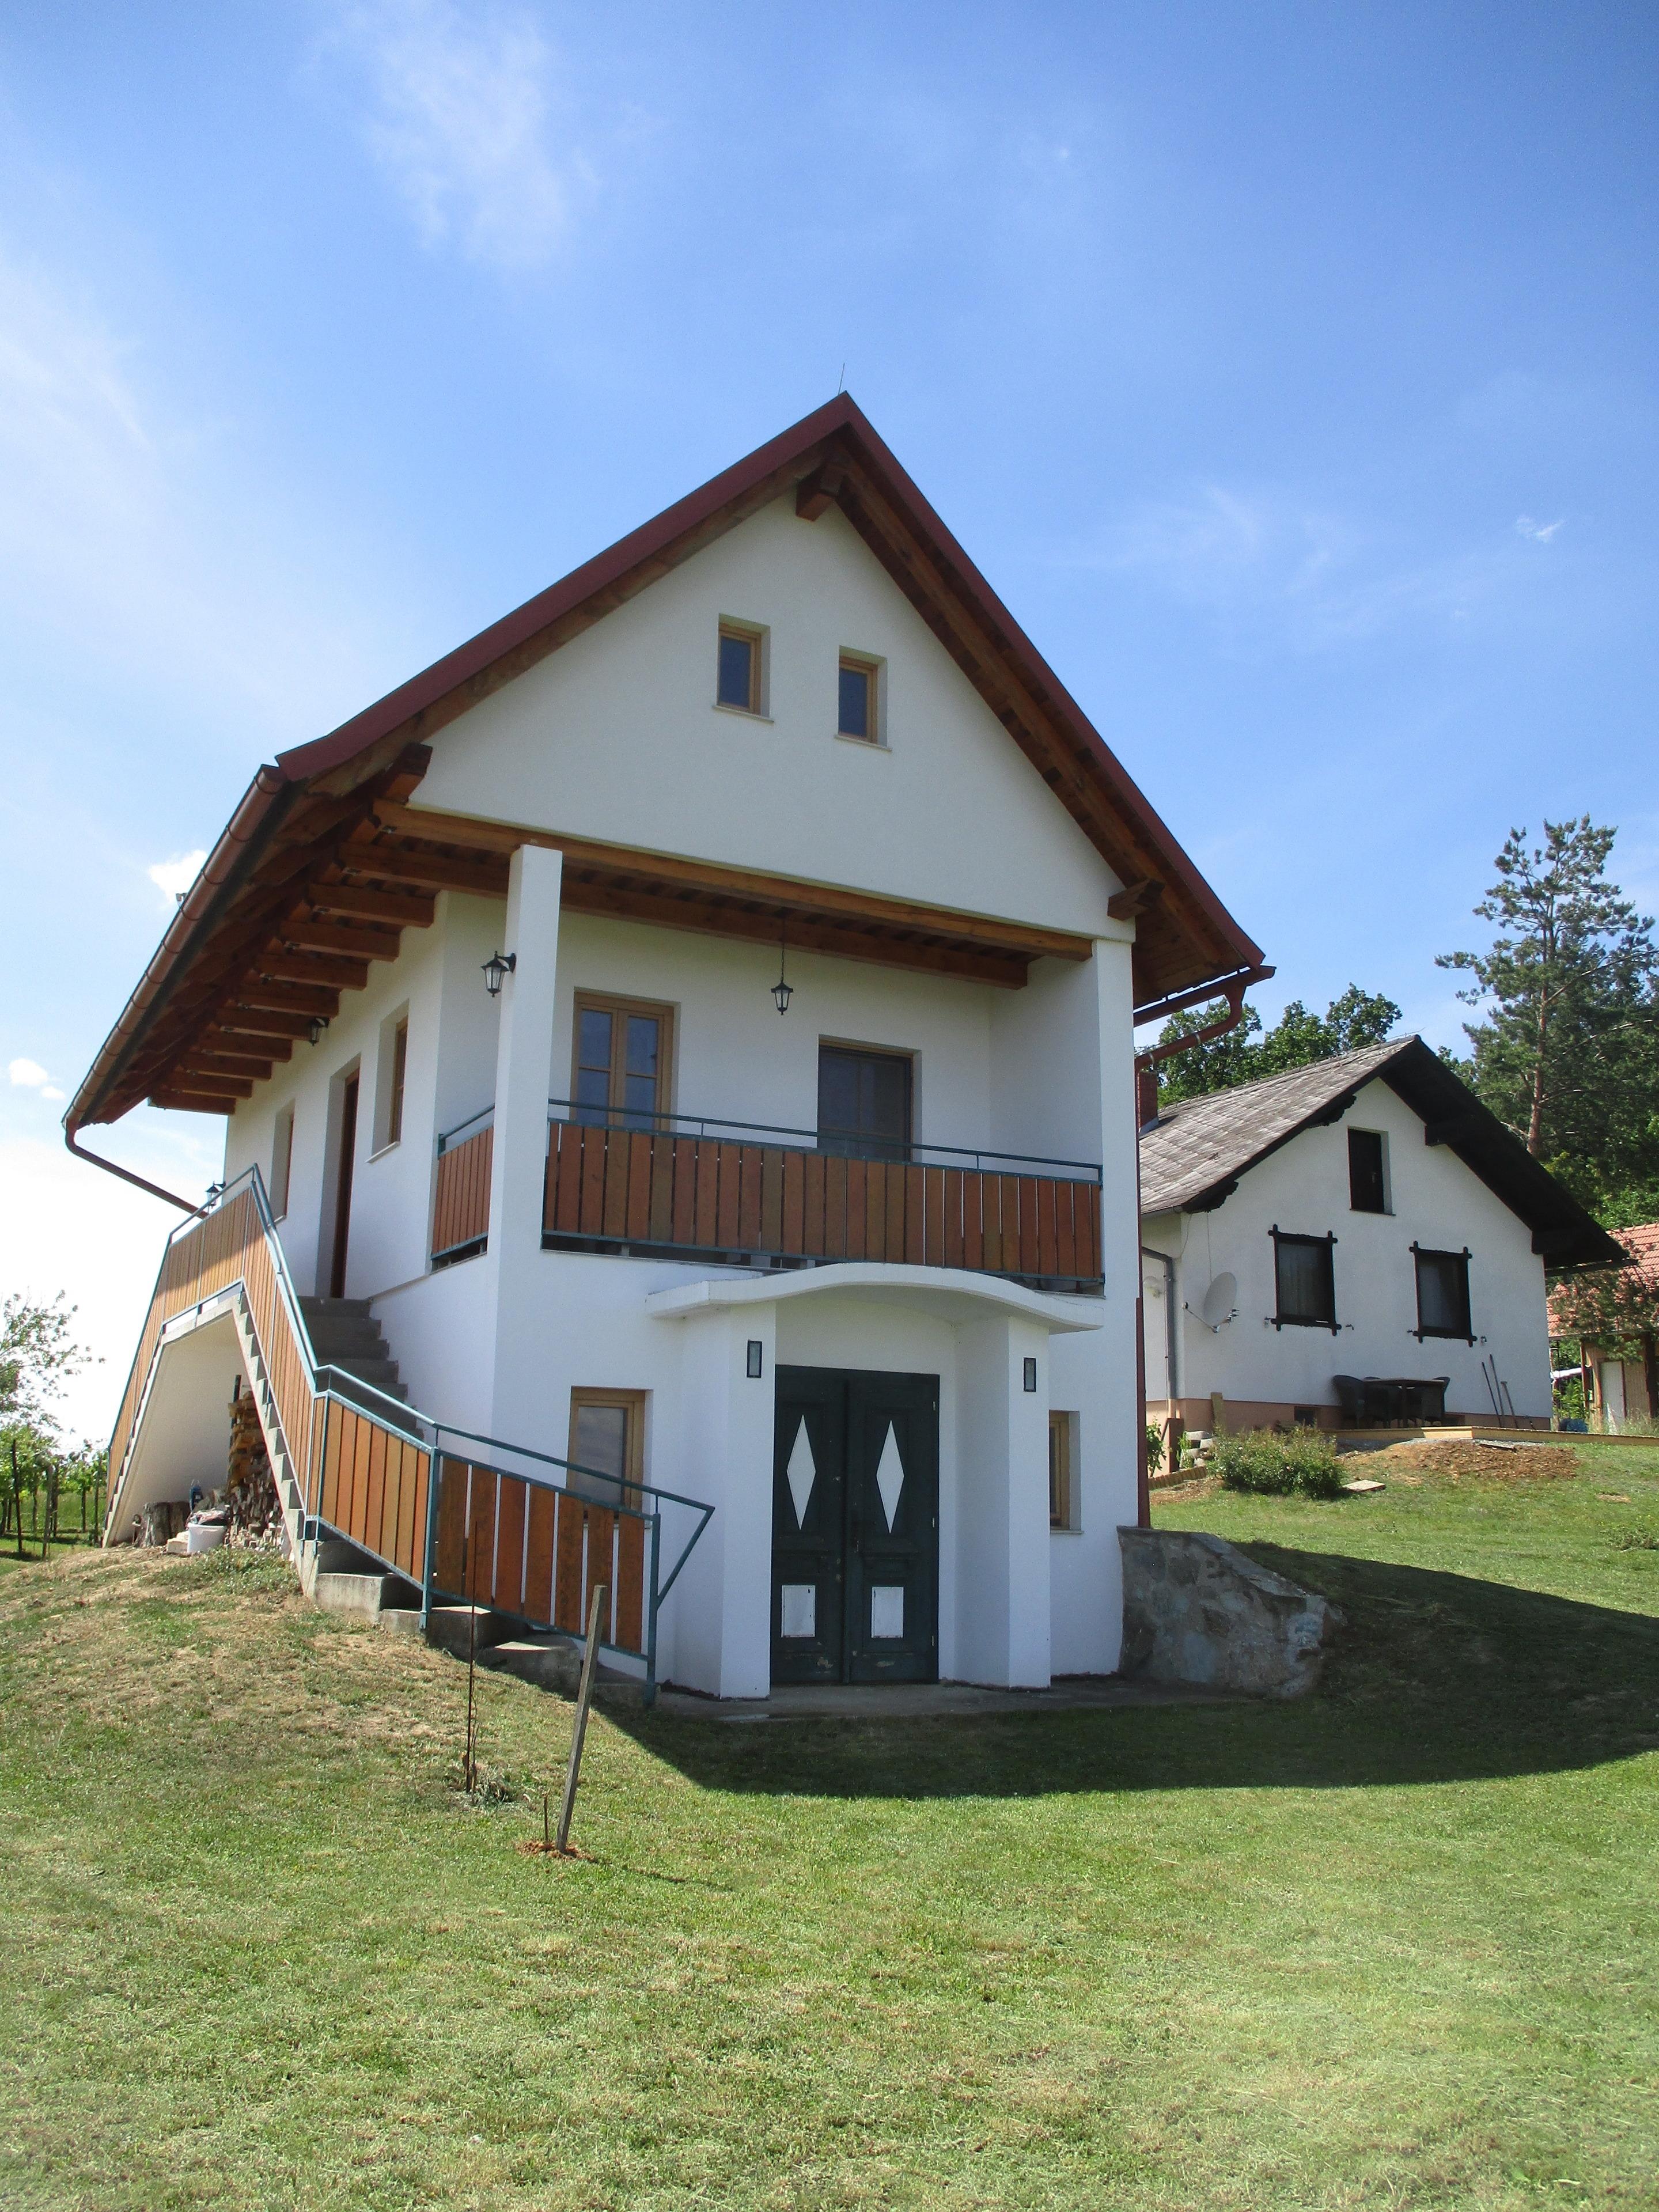 Ferienhaus Stremerberg (2798011), Strem, Südburgenland, Burgenland, Österreich, Bild 2